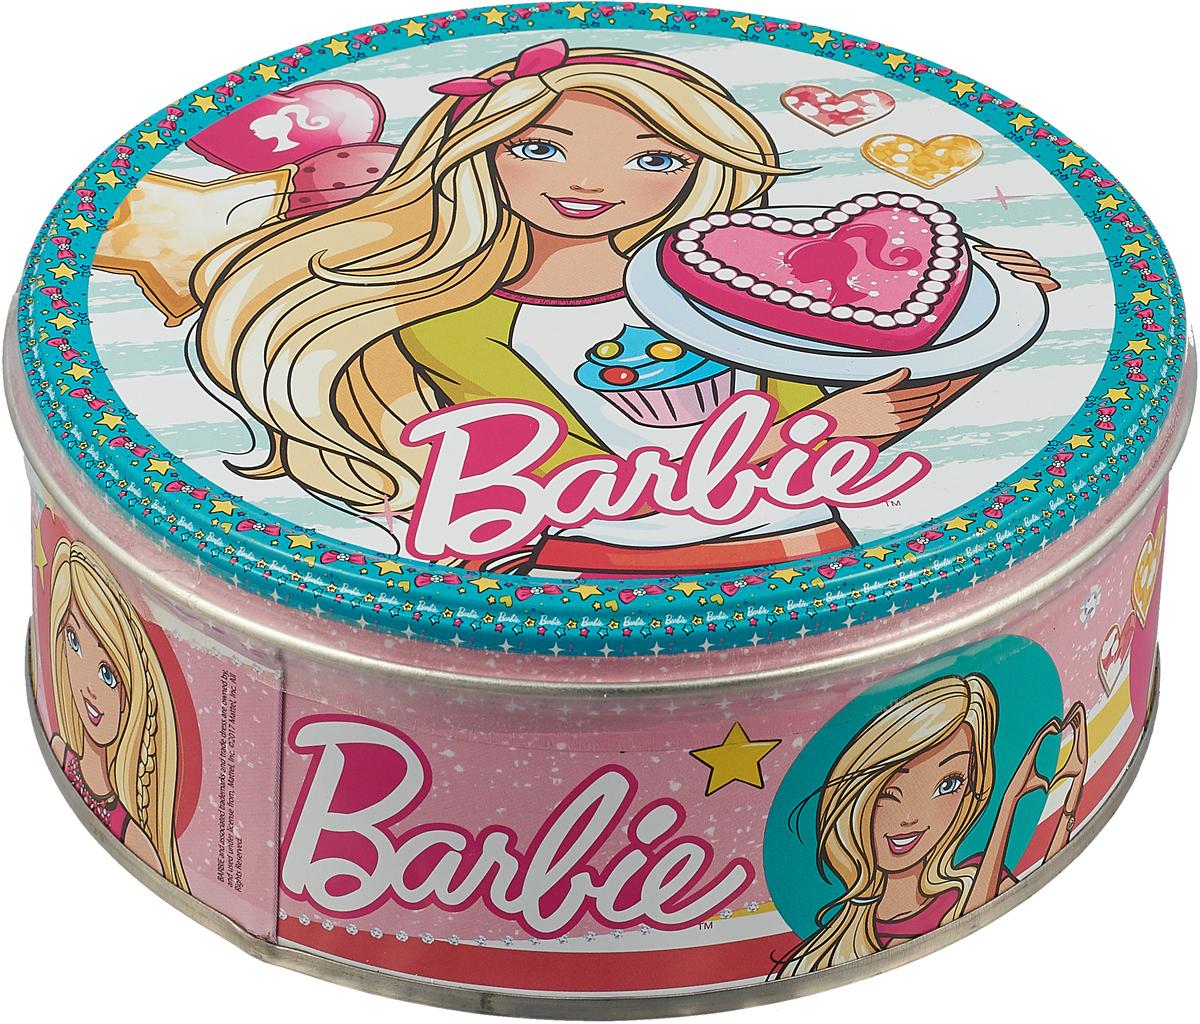 Сладкая Сказка Barbie печенье сдобное, 150 г вид2 цены онлайн